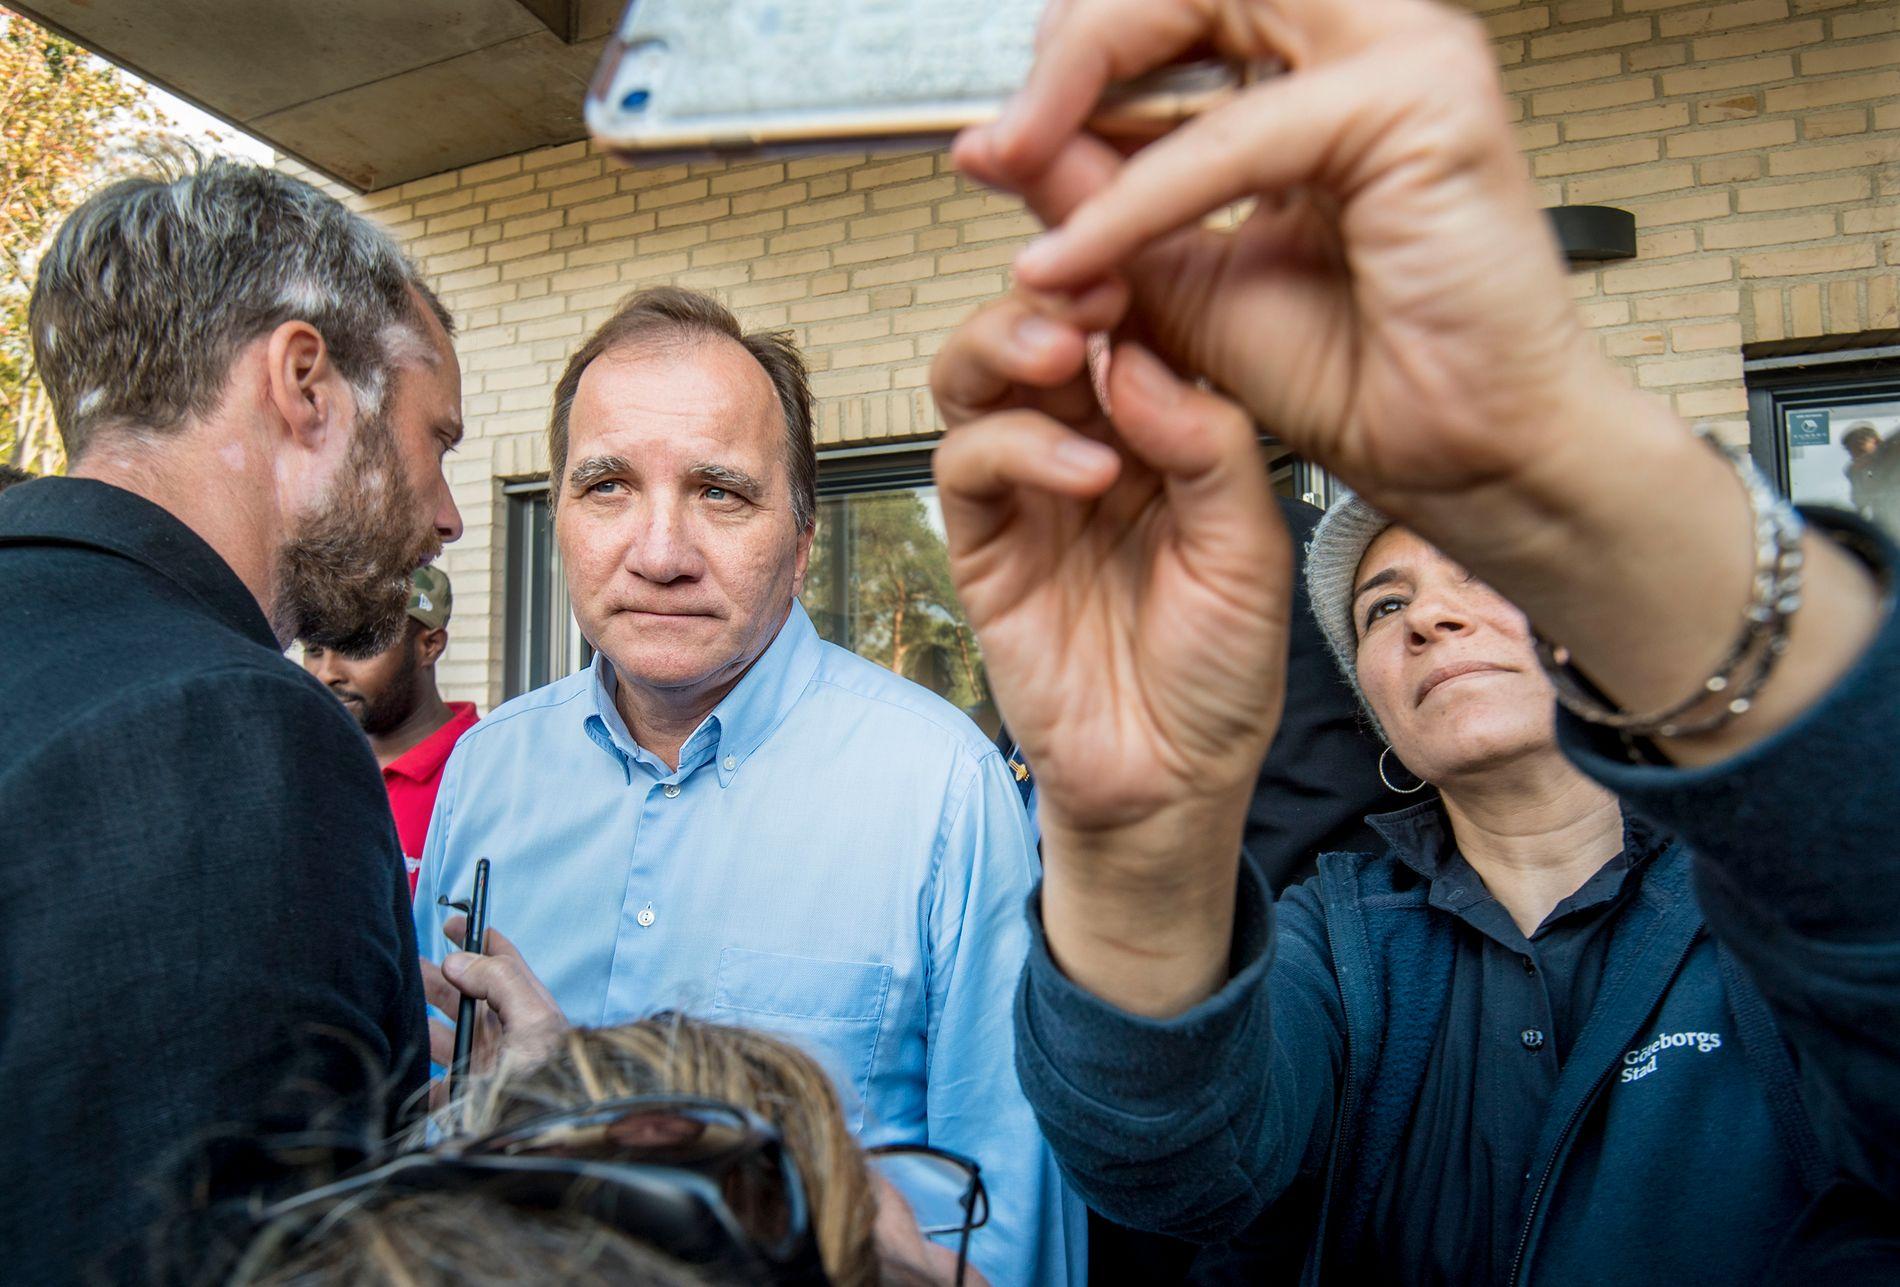 FALLER VIDERE: Stefan Löfvens Socialdemokraterna fortsetter å falle i oppslutning, Her driver han valgkamp i Göteborg tidligere i august.